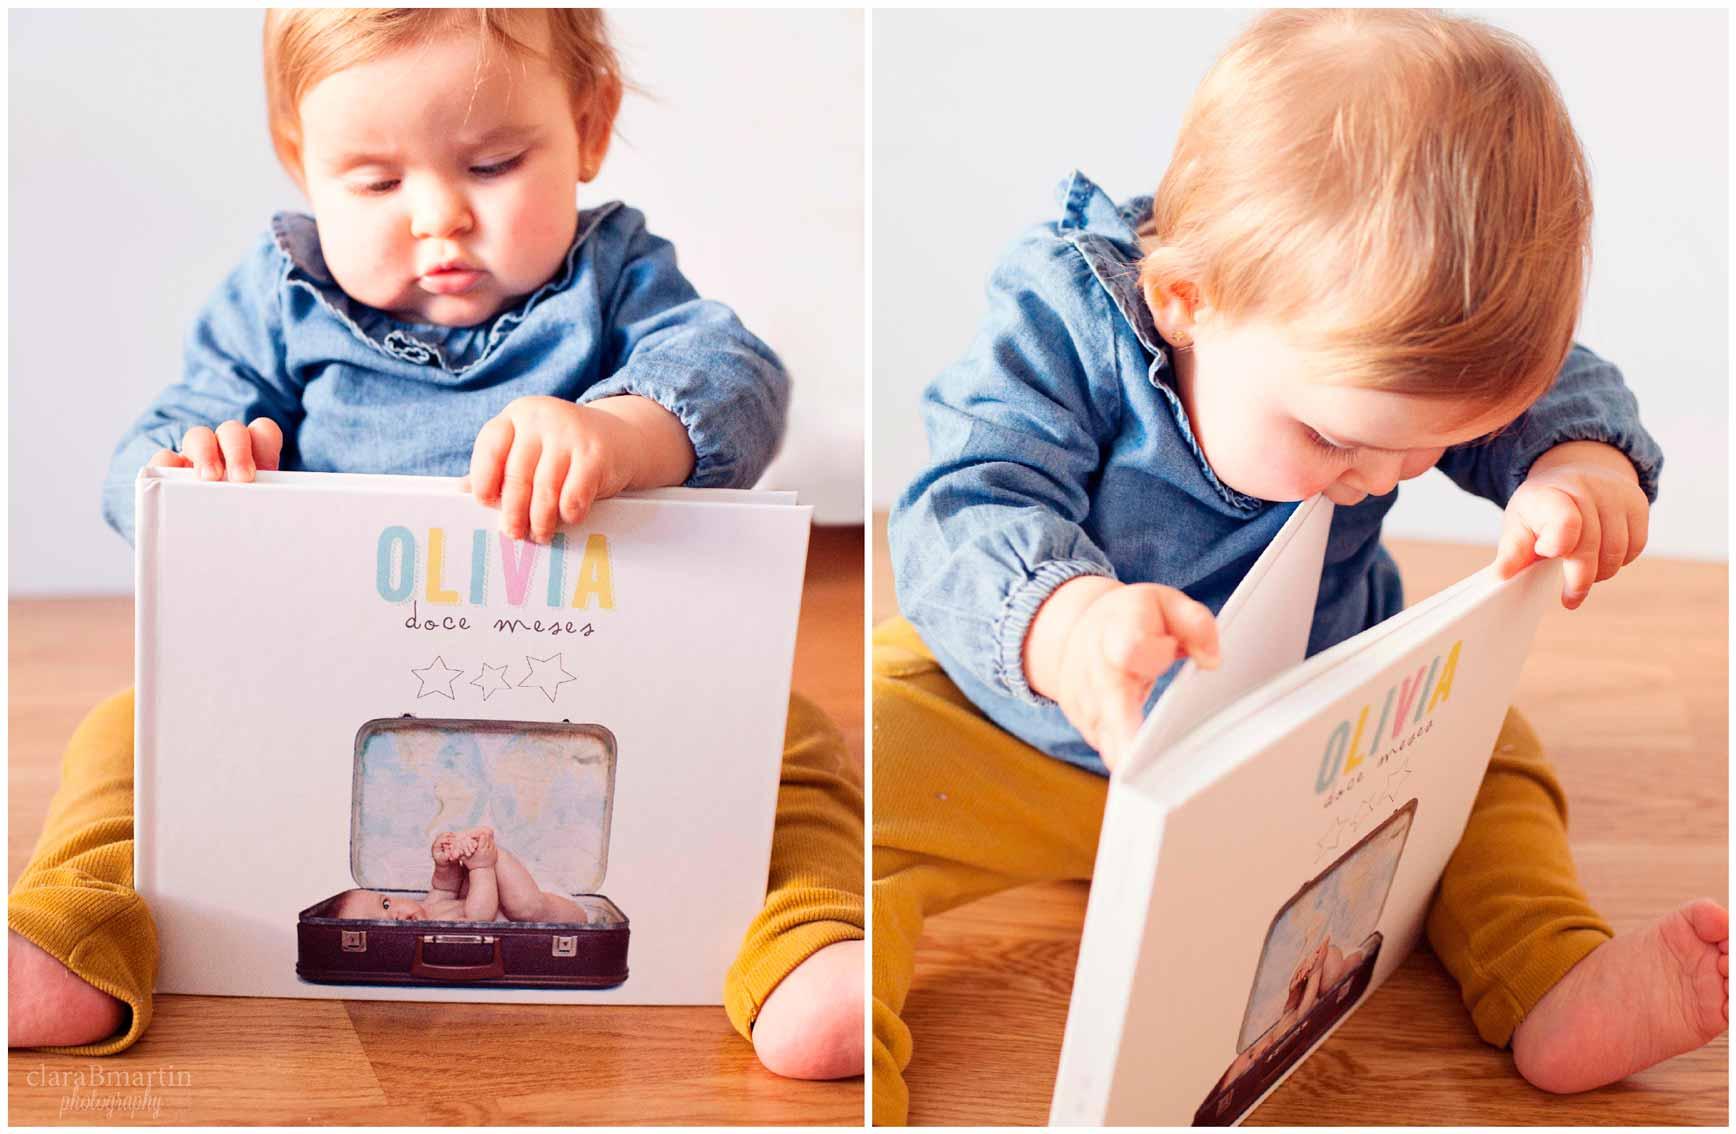 Libro_primer_año_Olivia_Collage